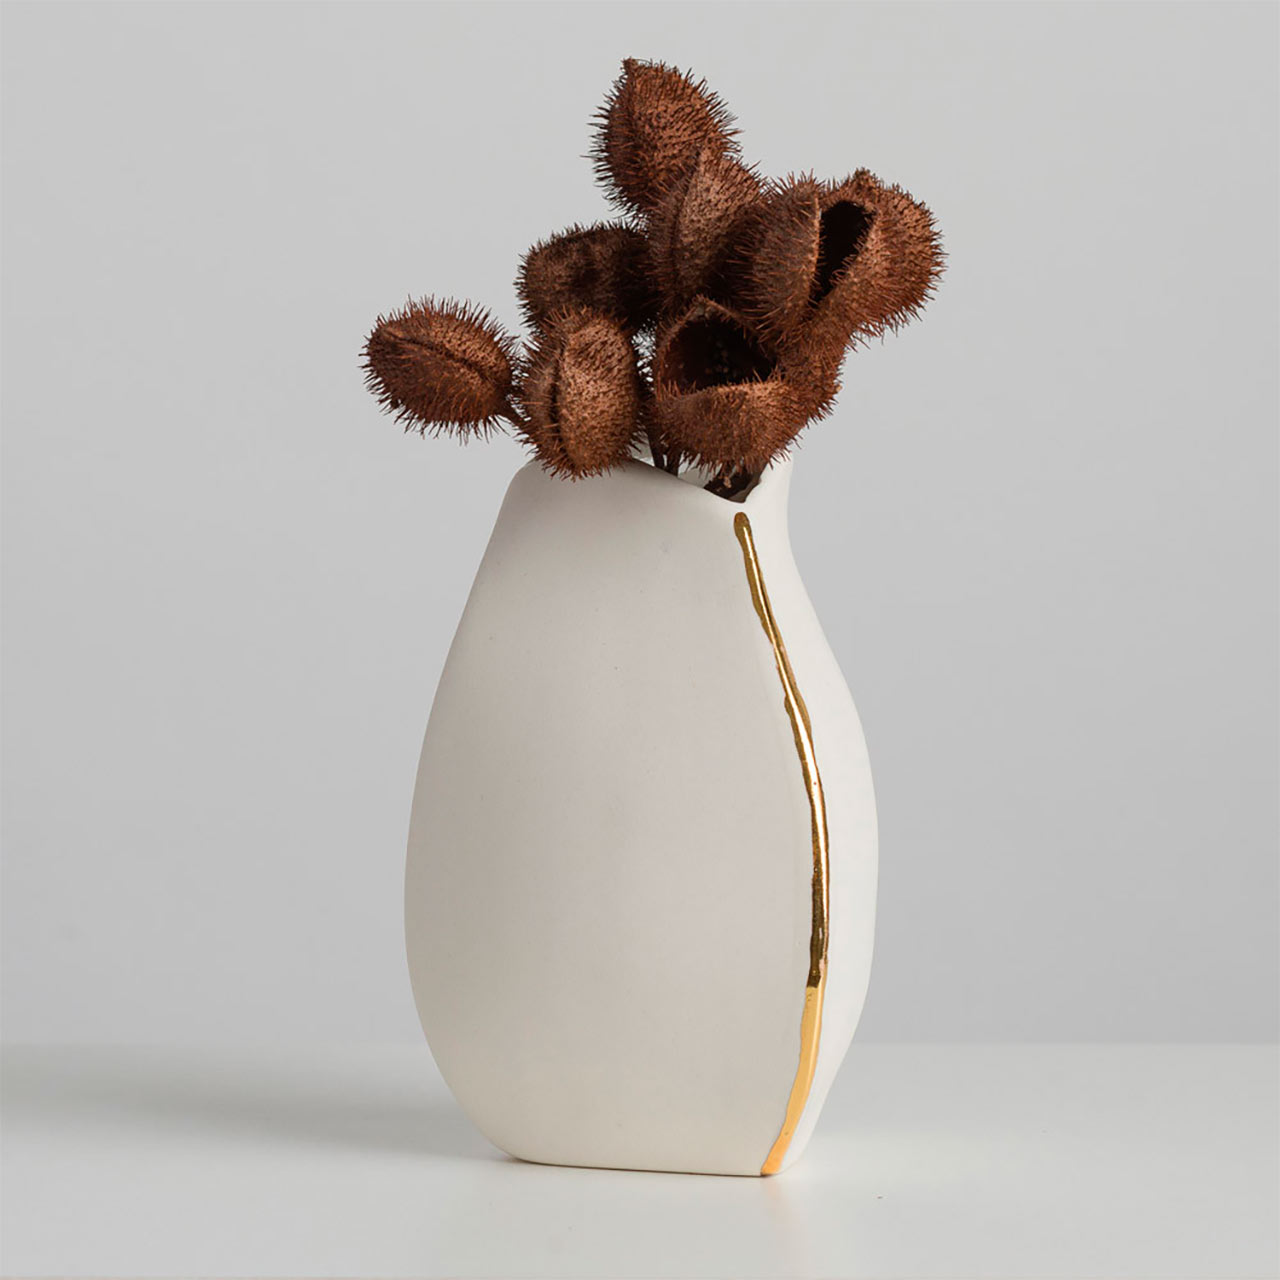 Vaso em Porcelana Canary Pequeno